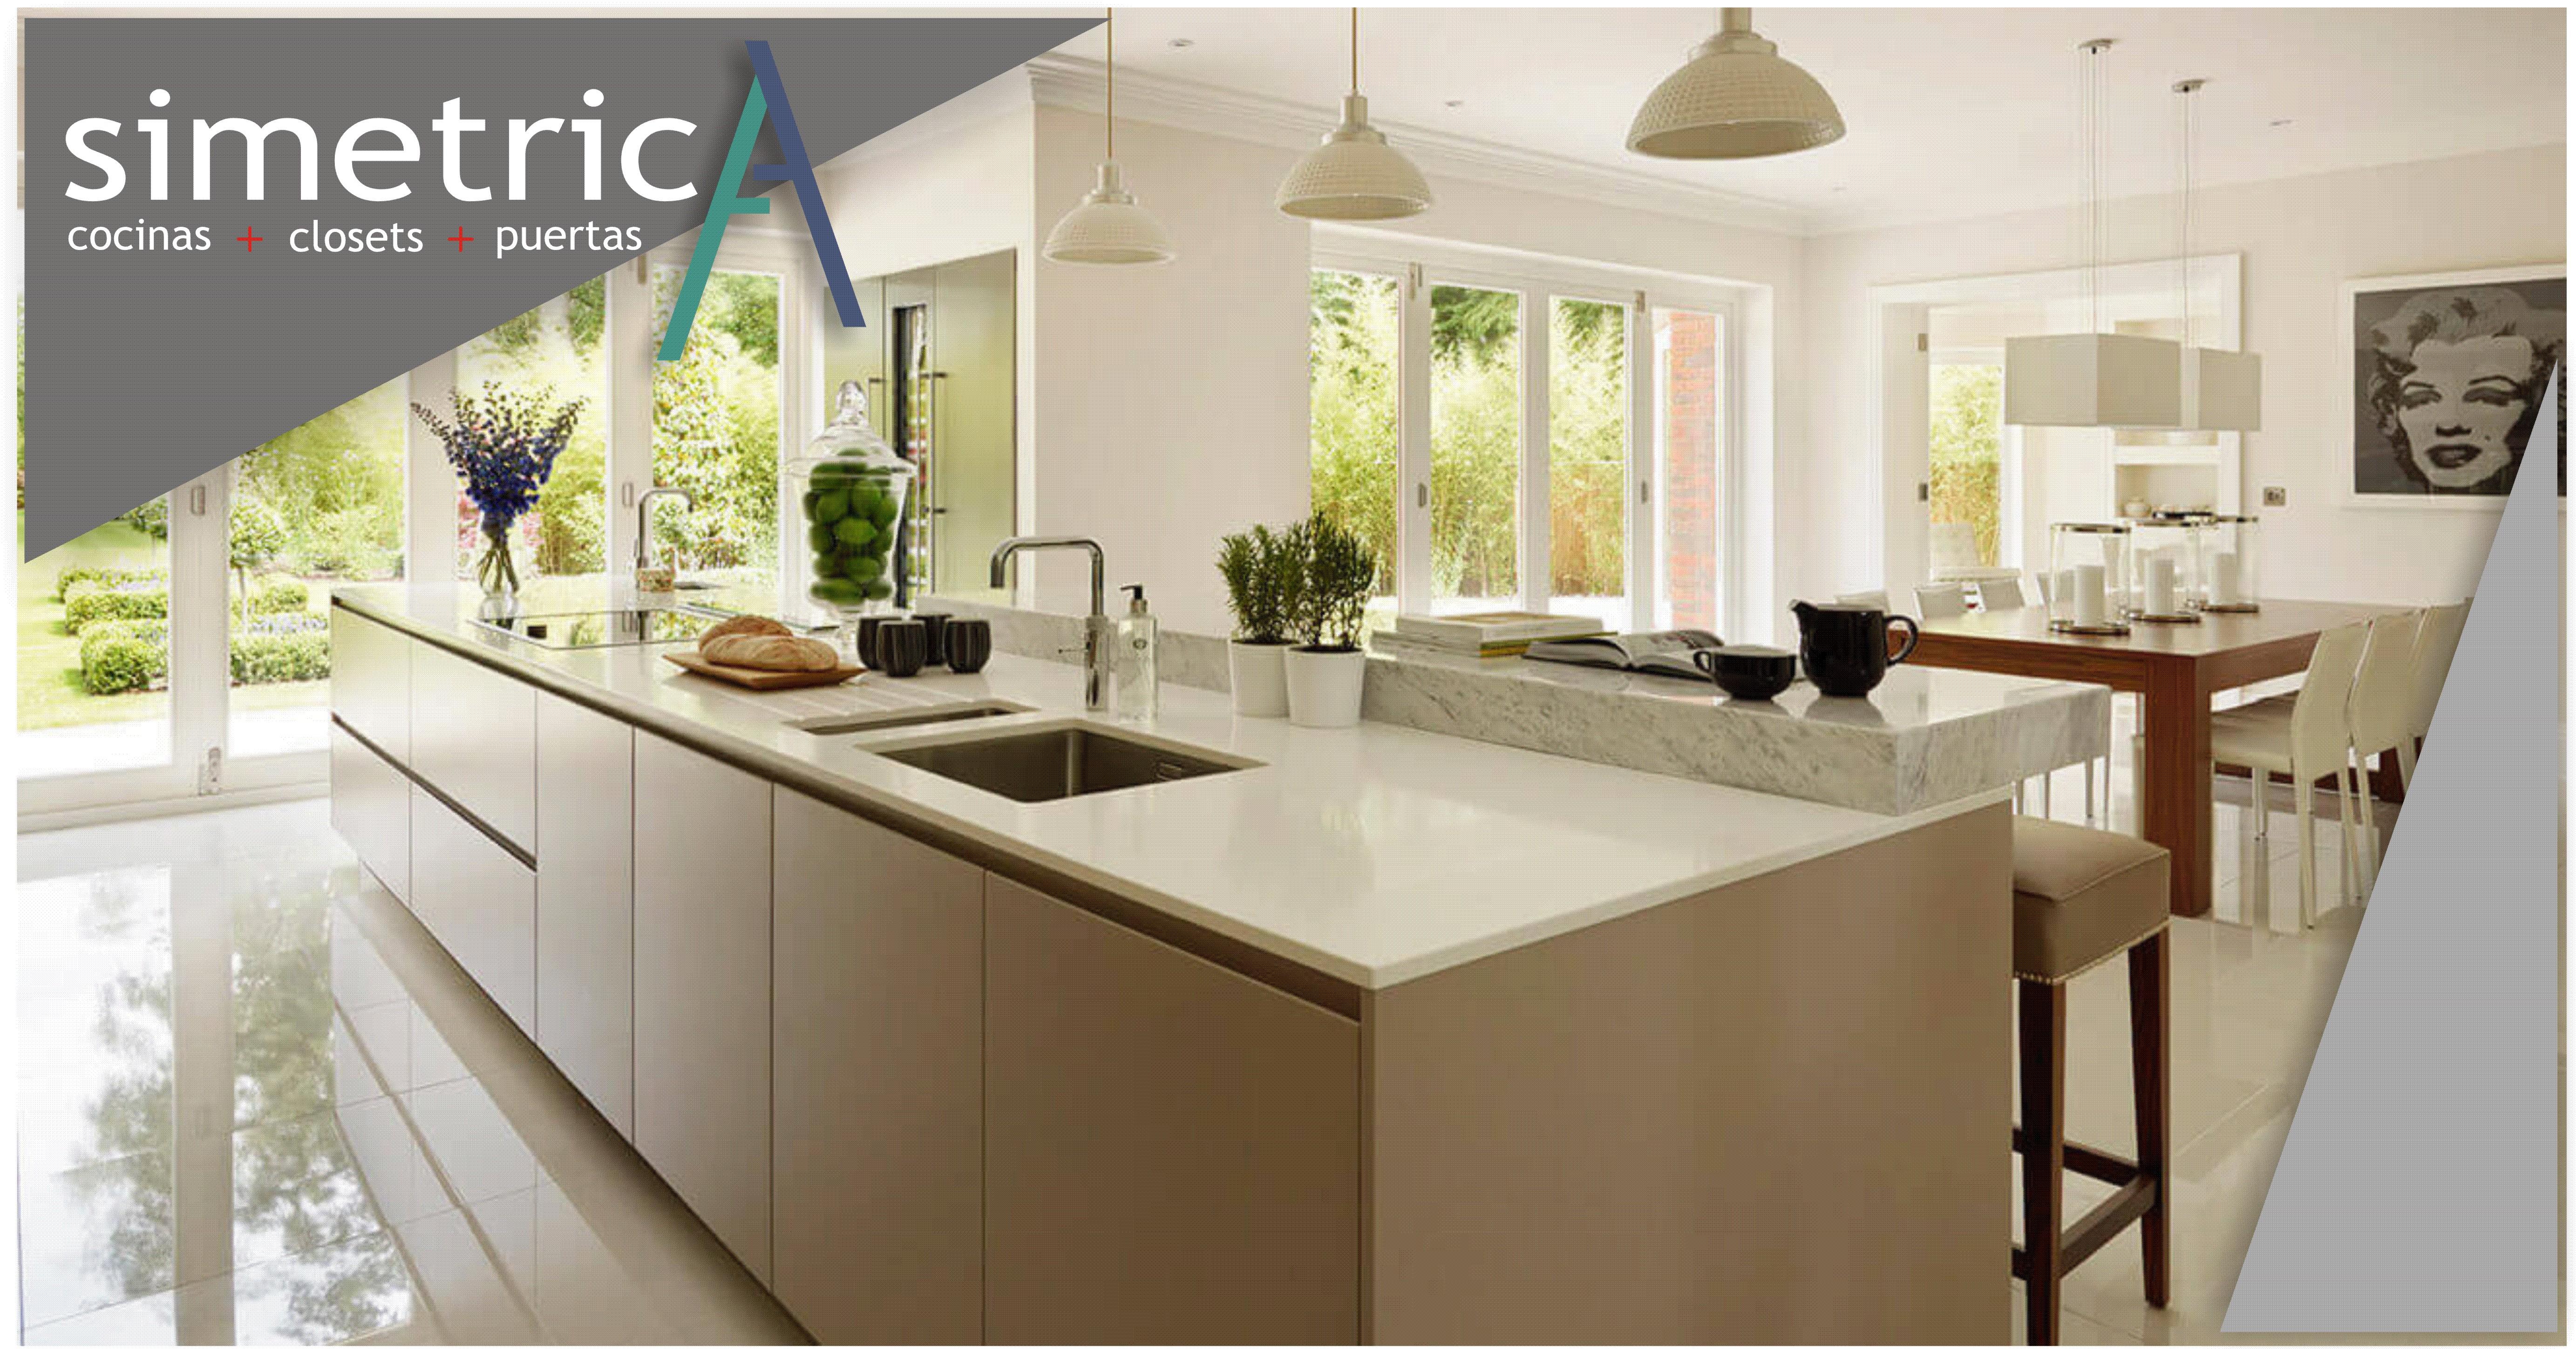 Closets simetrica cocinas closets dise o App diseno cocinas